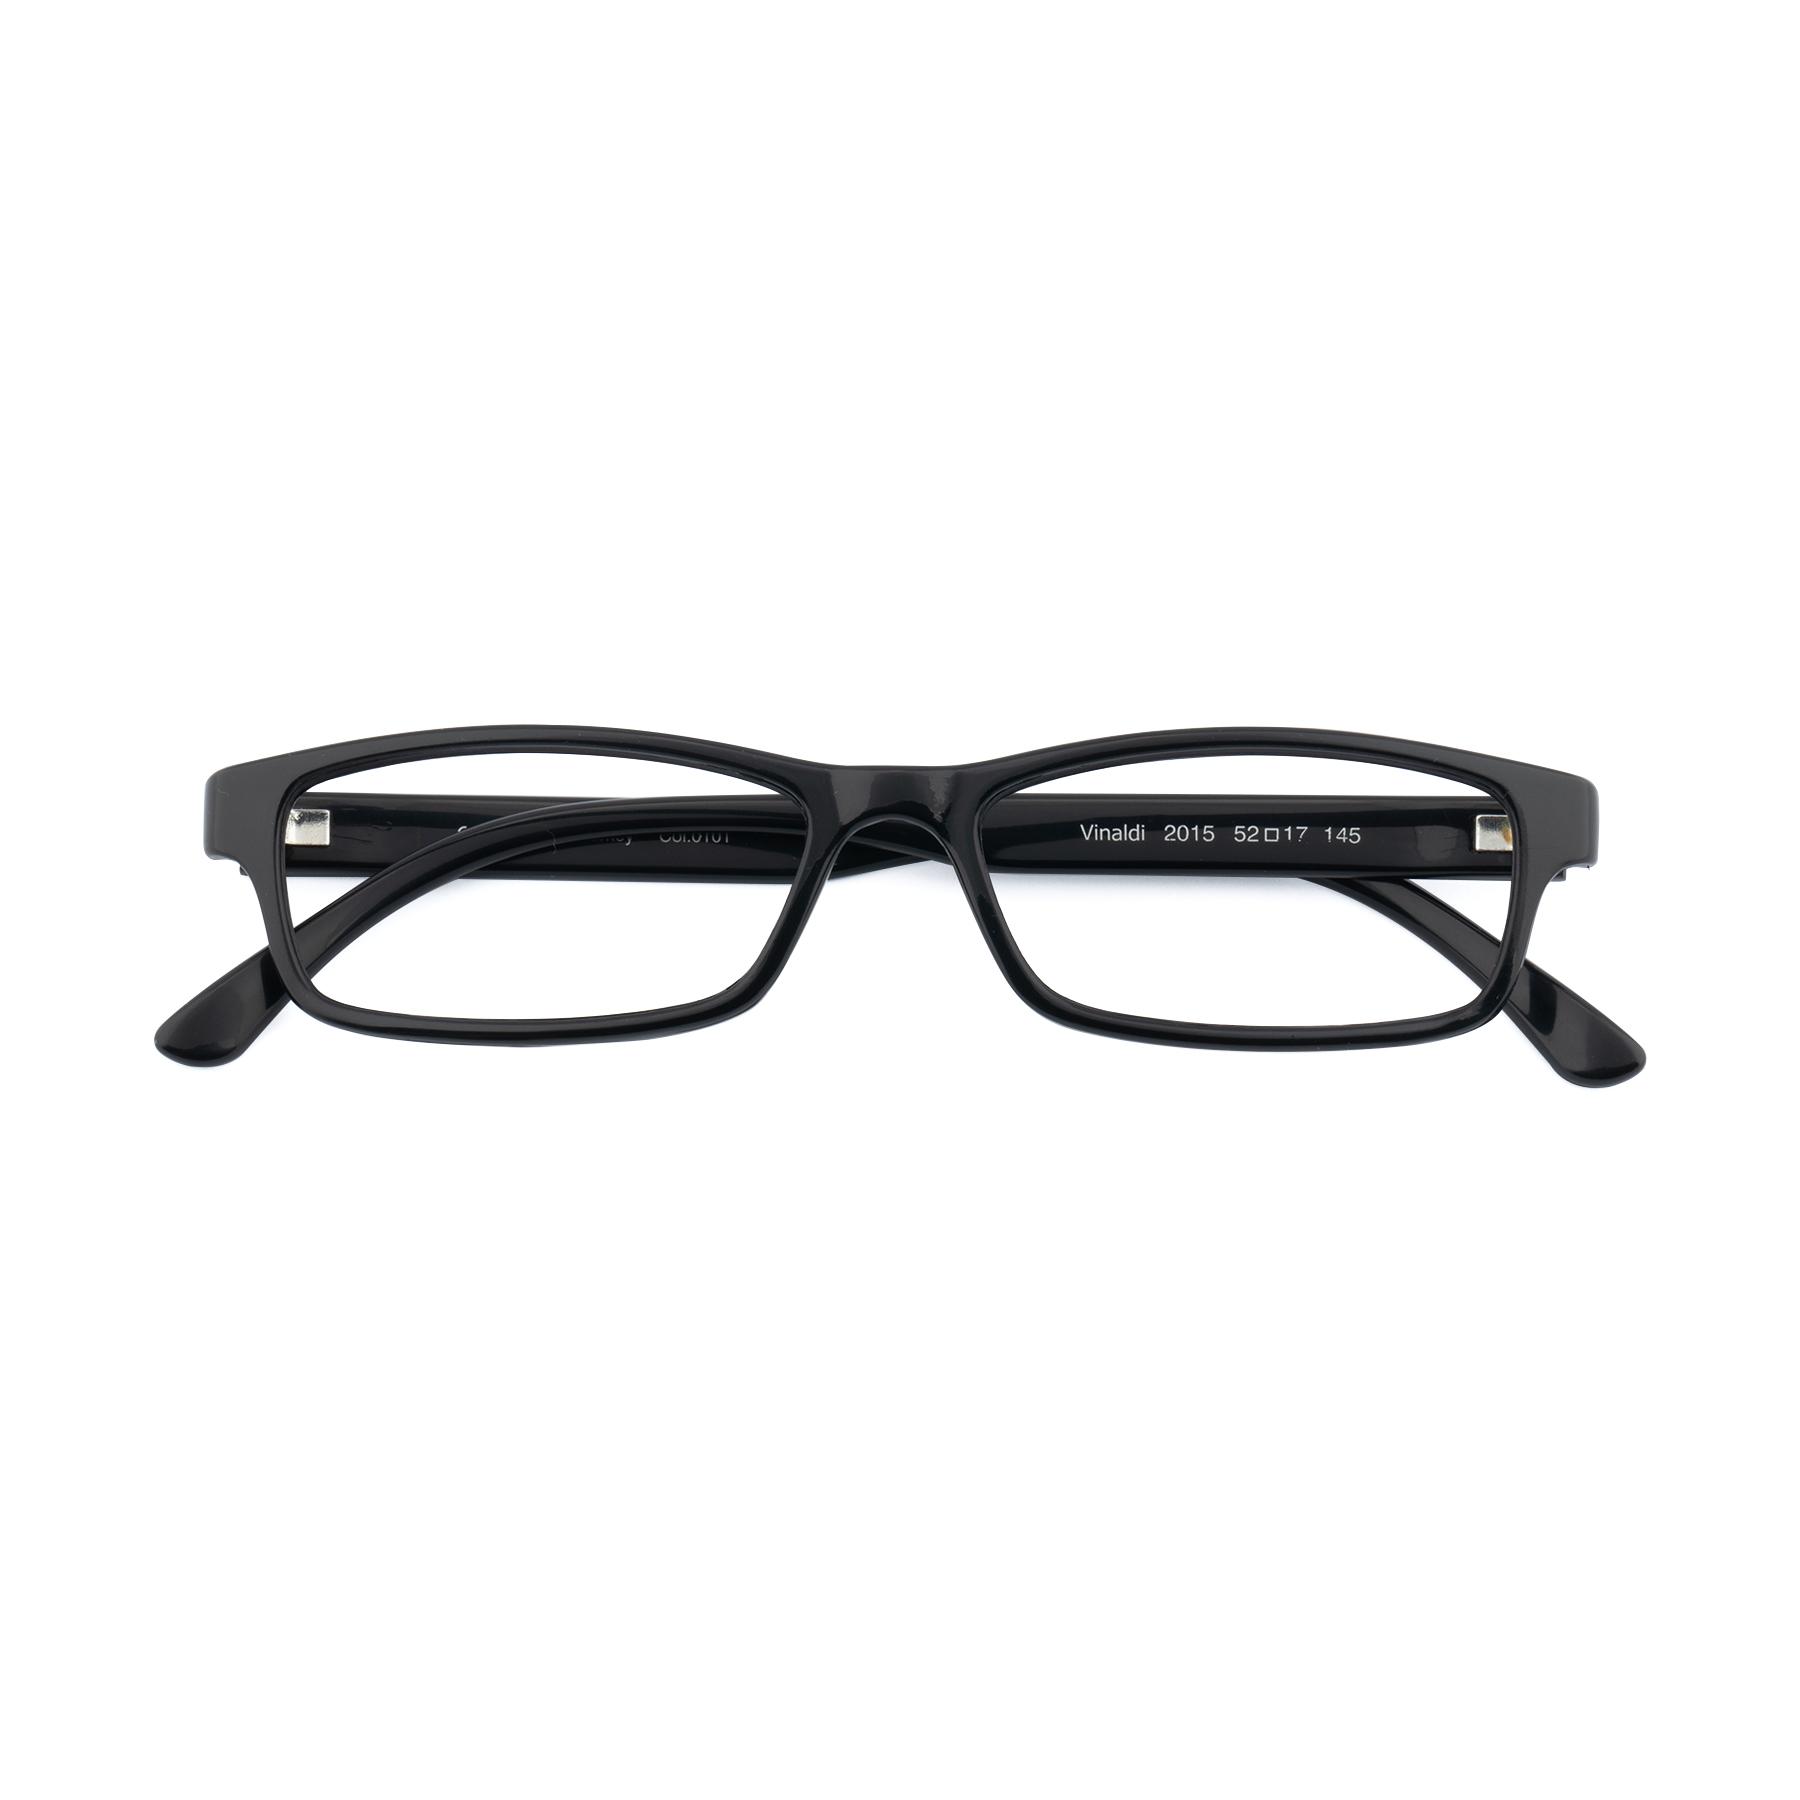 Vinaldi 2015 Gözlük Çerçevesi